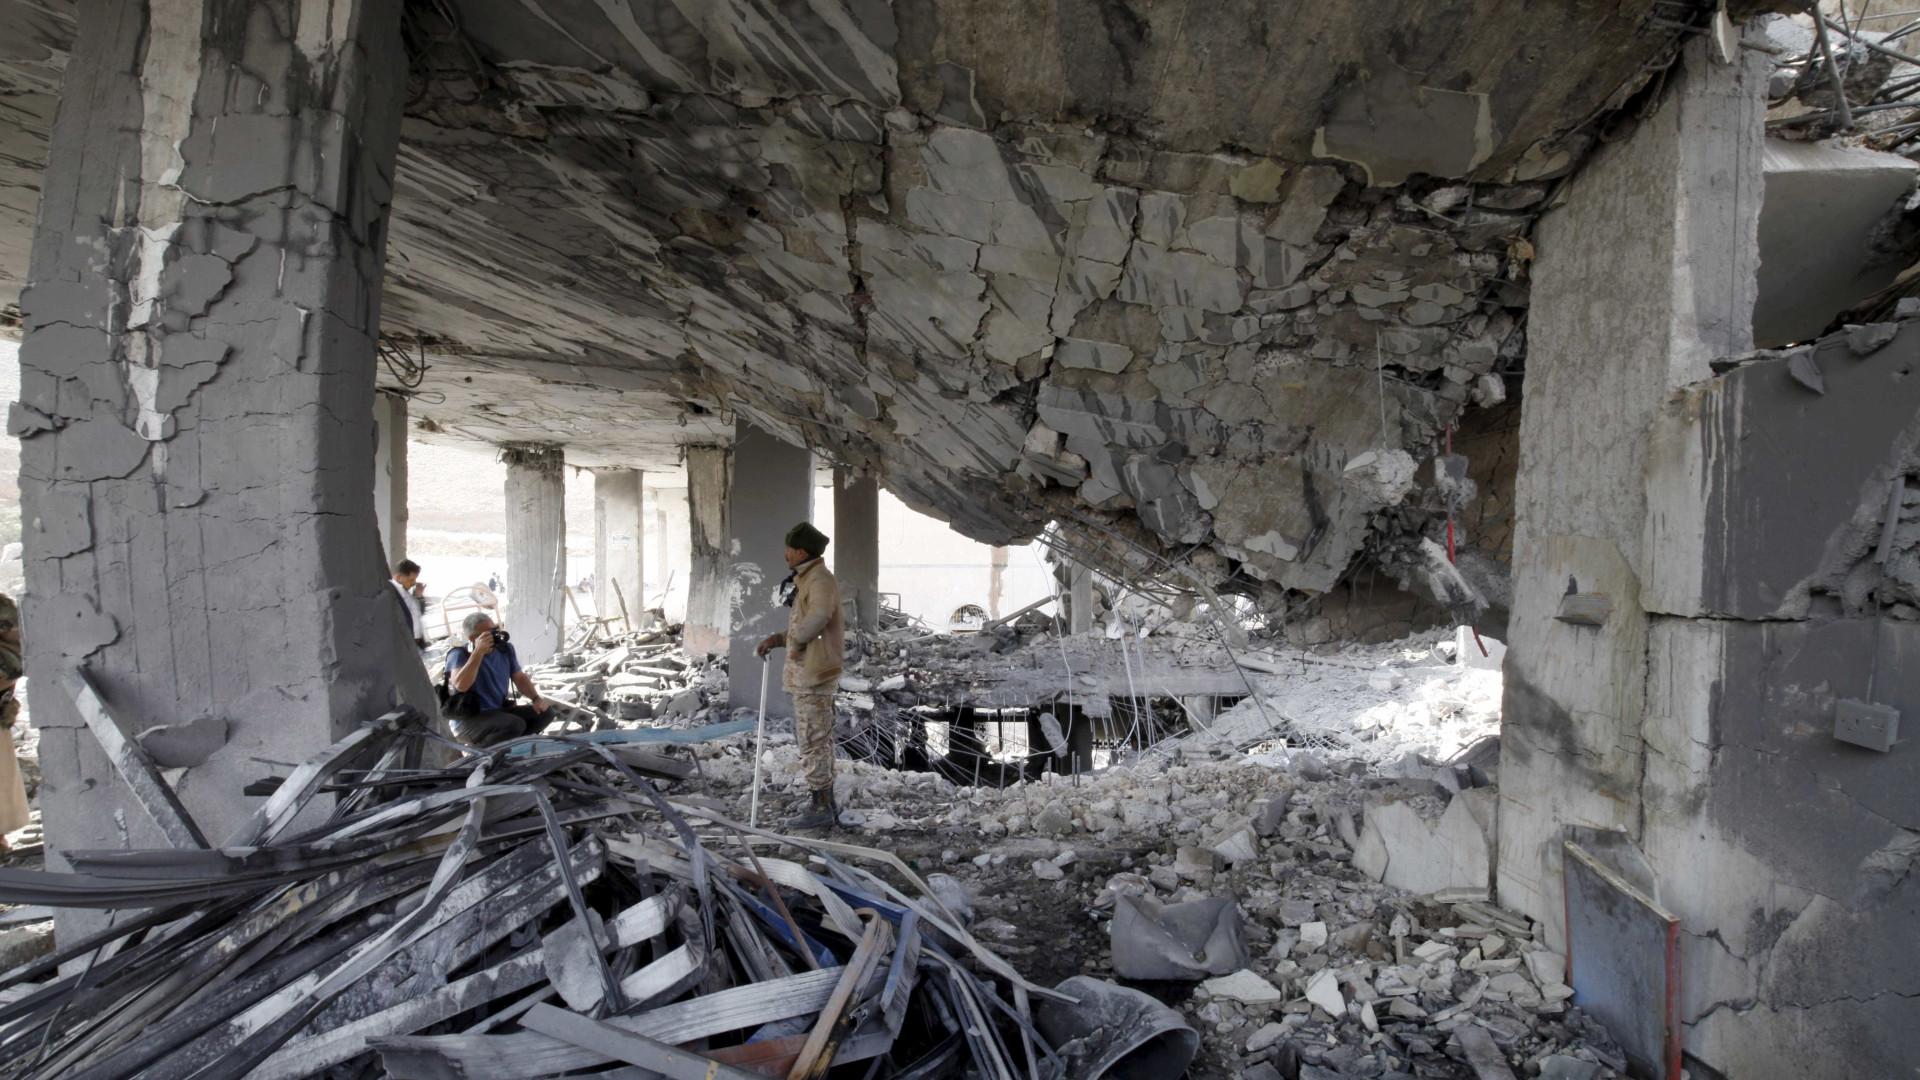 Coligação árabe diz ter matado mais de 400 rebeldes Huthis no Iémen